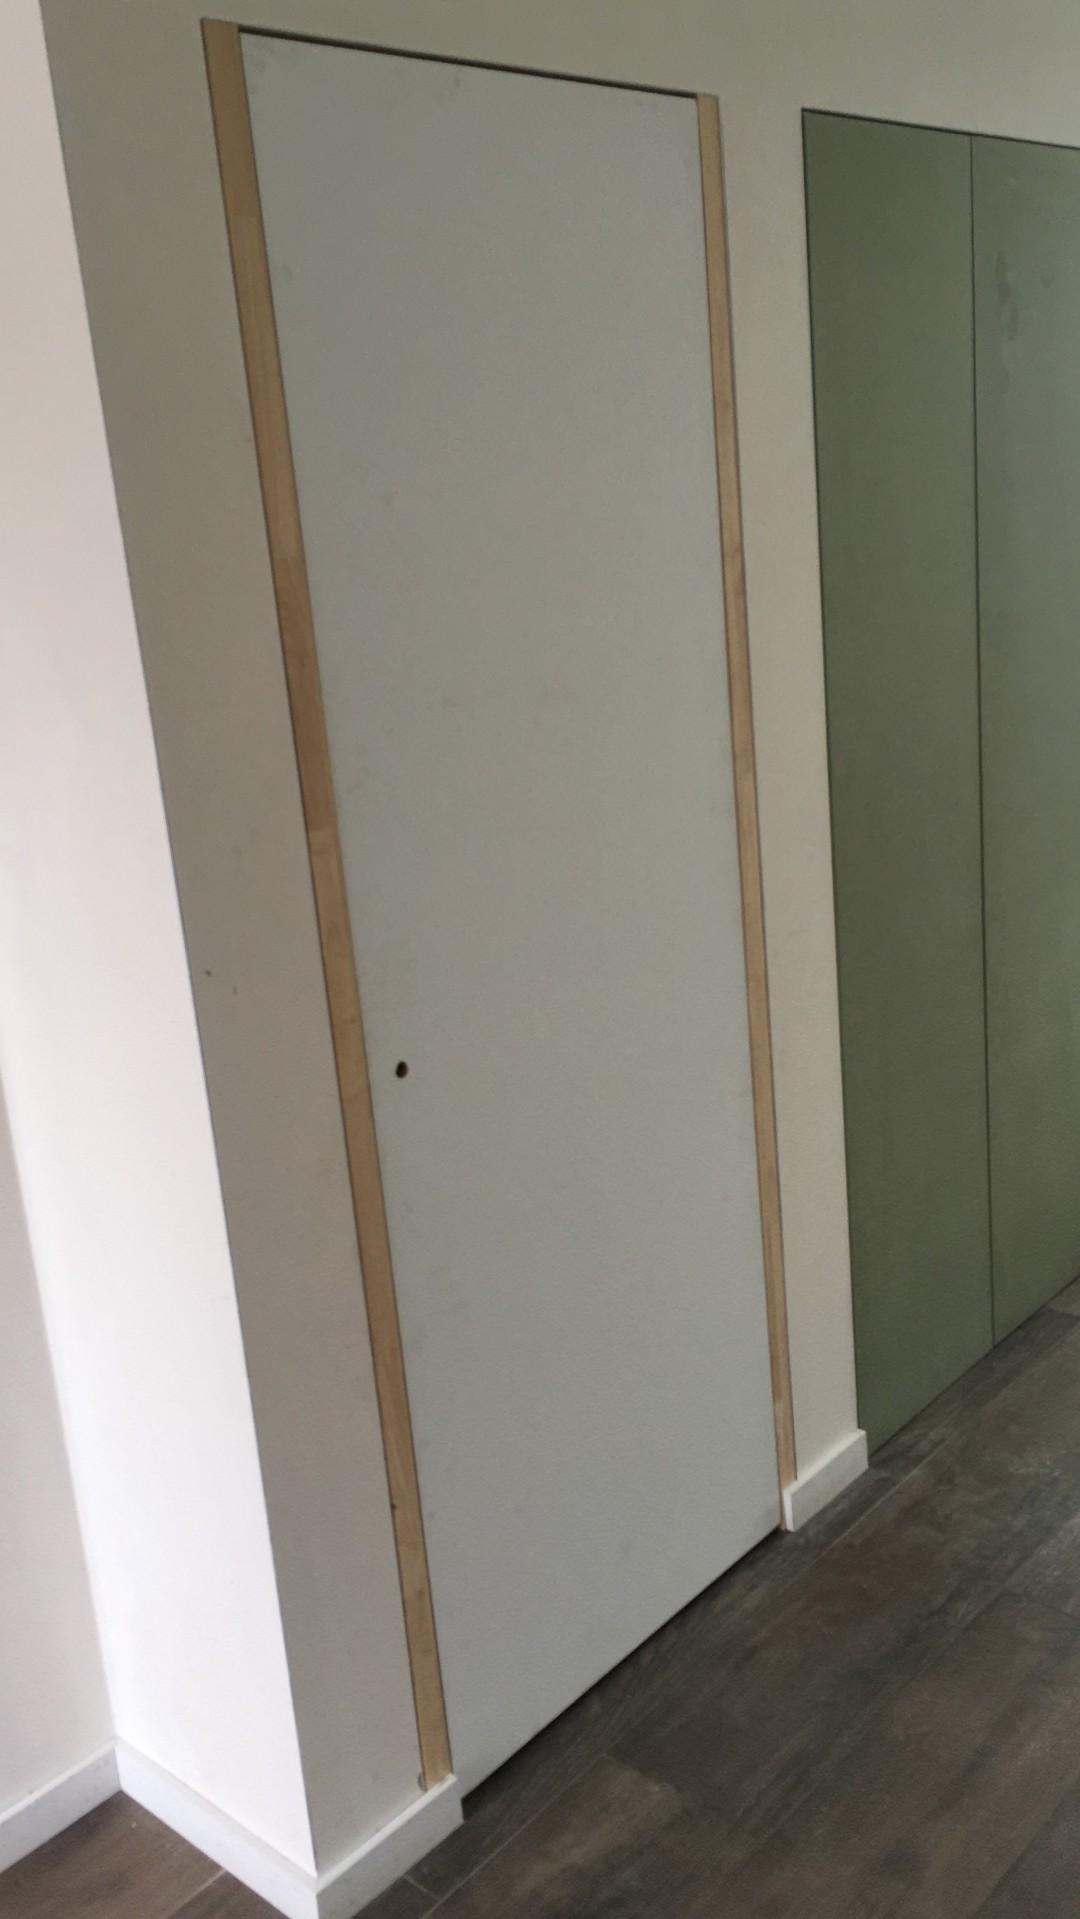 Blokdeur maatwerk rubberwood omkasting + maatkast nis inkomhal